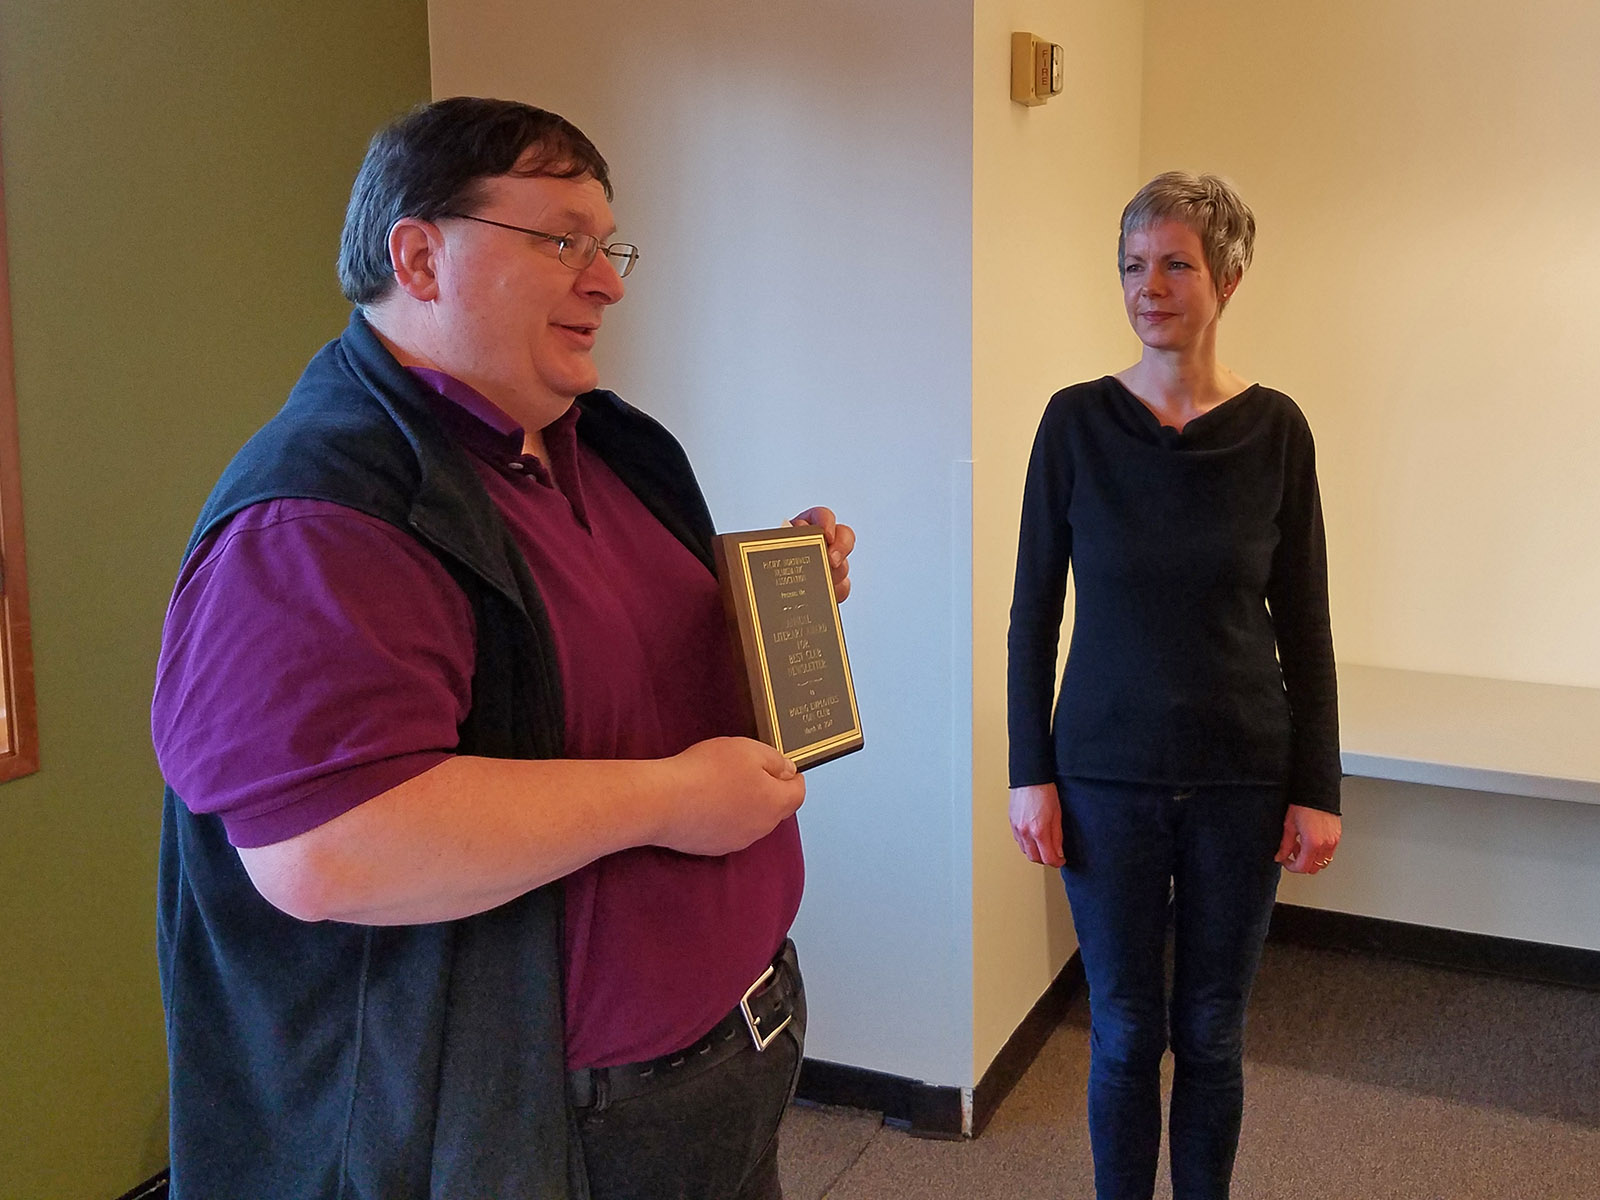 Truus Lagerman/BECC - 2017 literary award for club newsletter